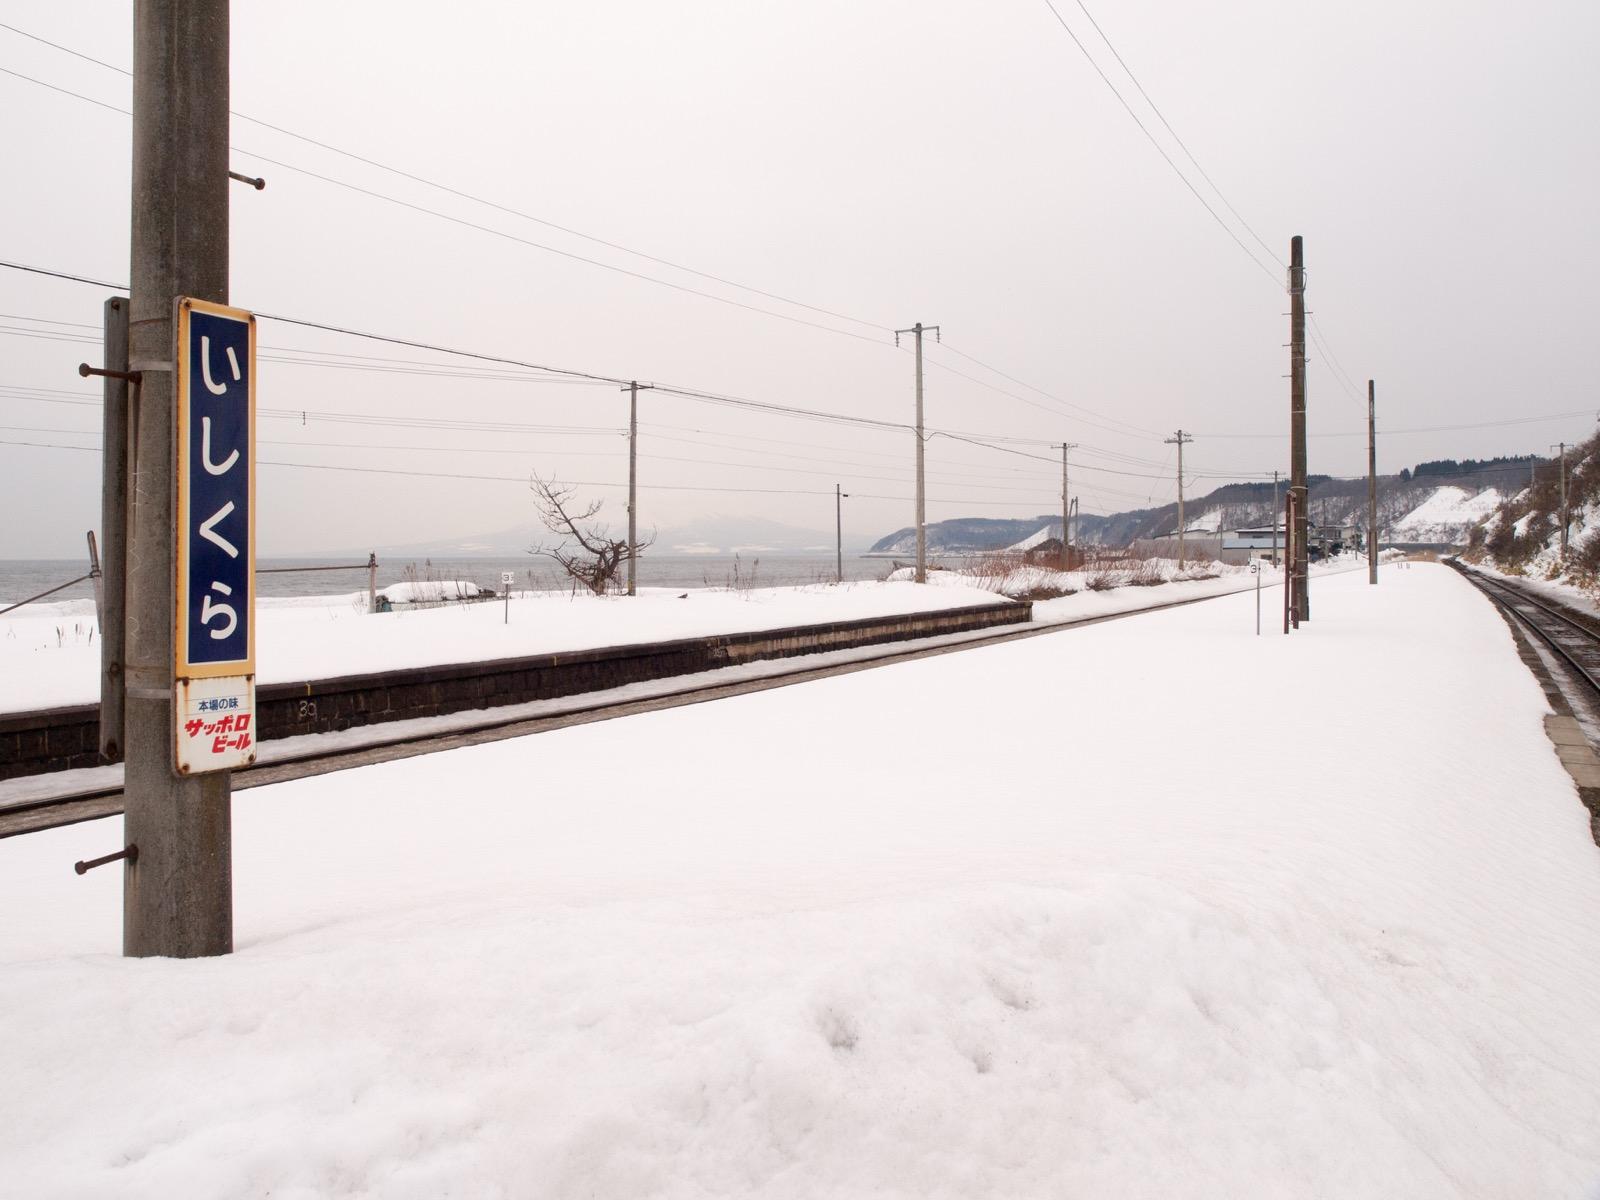 冬の石倉駅のホームと噴火湾(内浦湾)